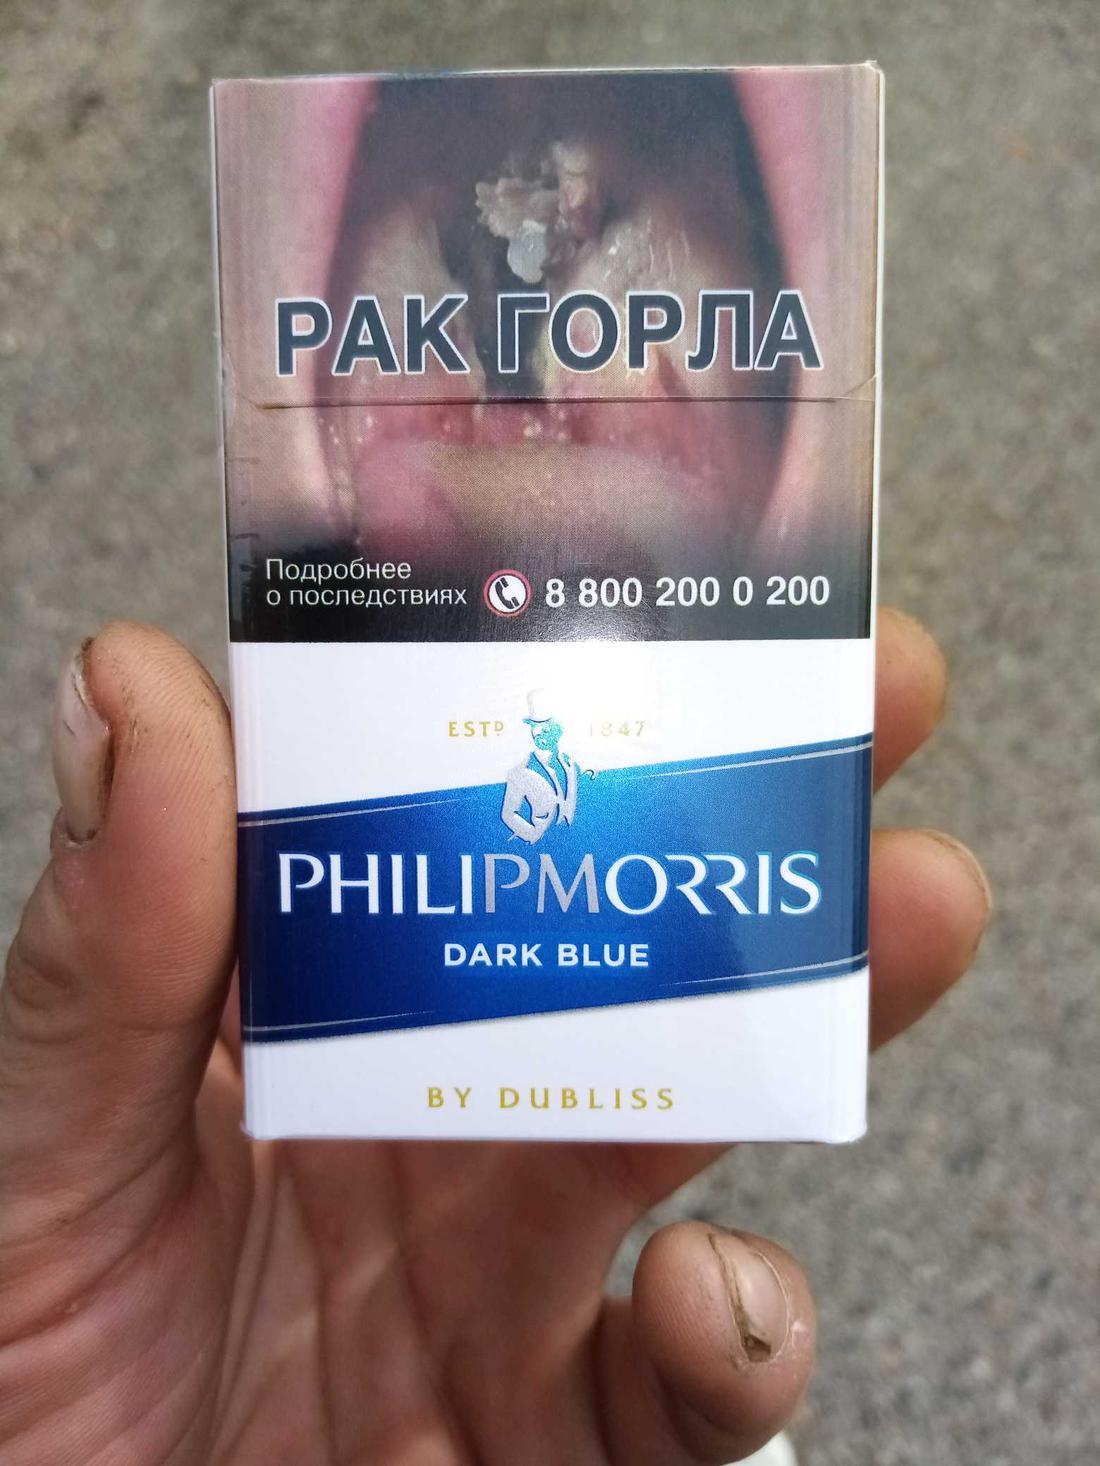 Сигареты филипп моррис дарк блю купить вредна ли одноразовая электронная сигарета